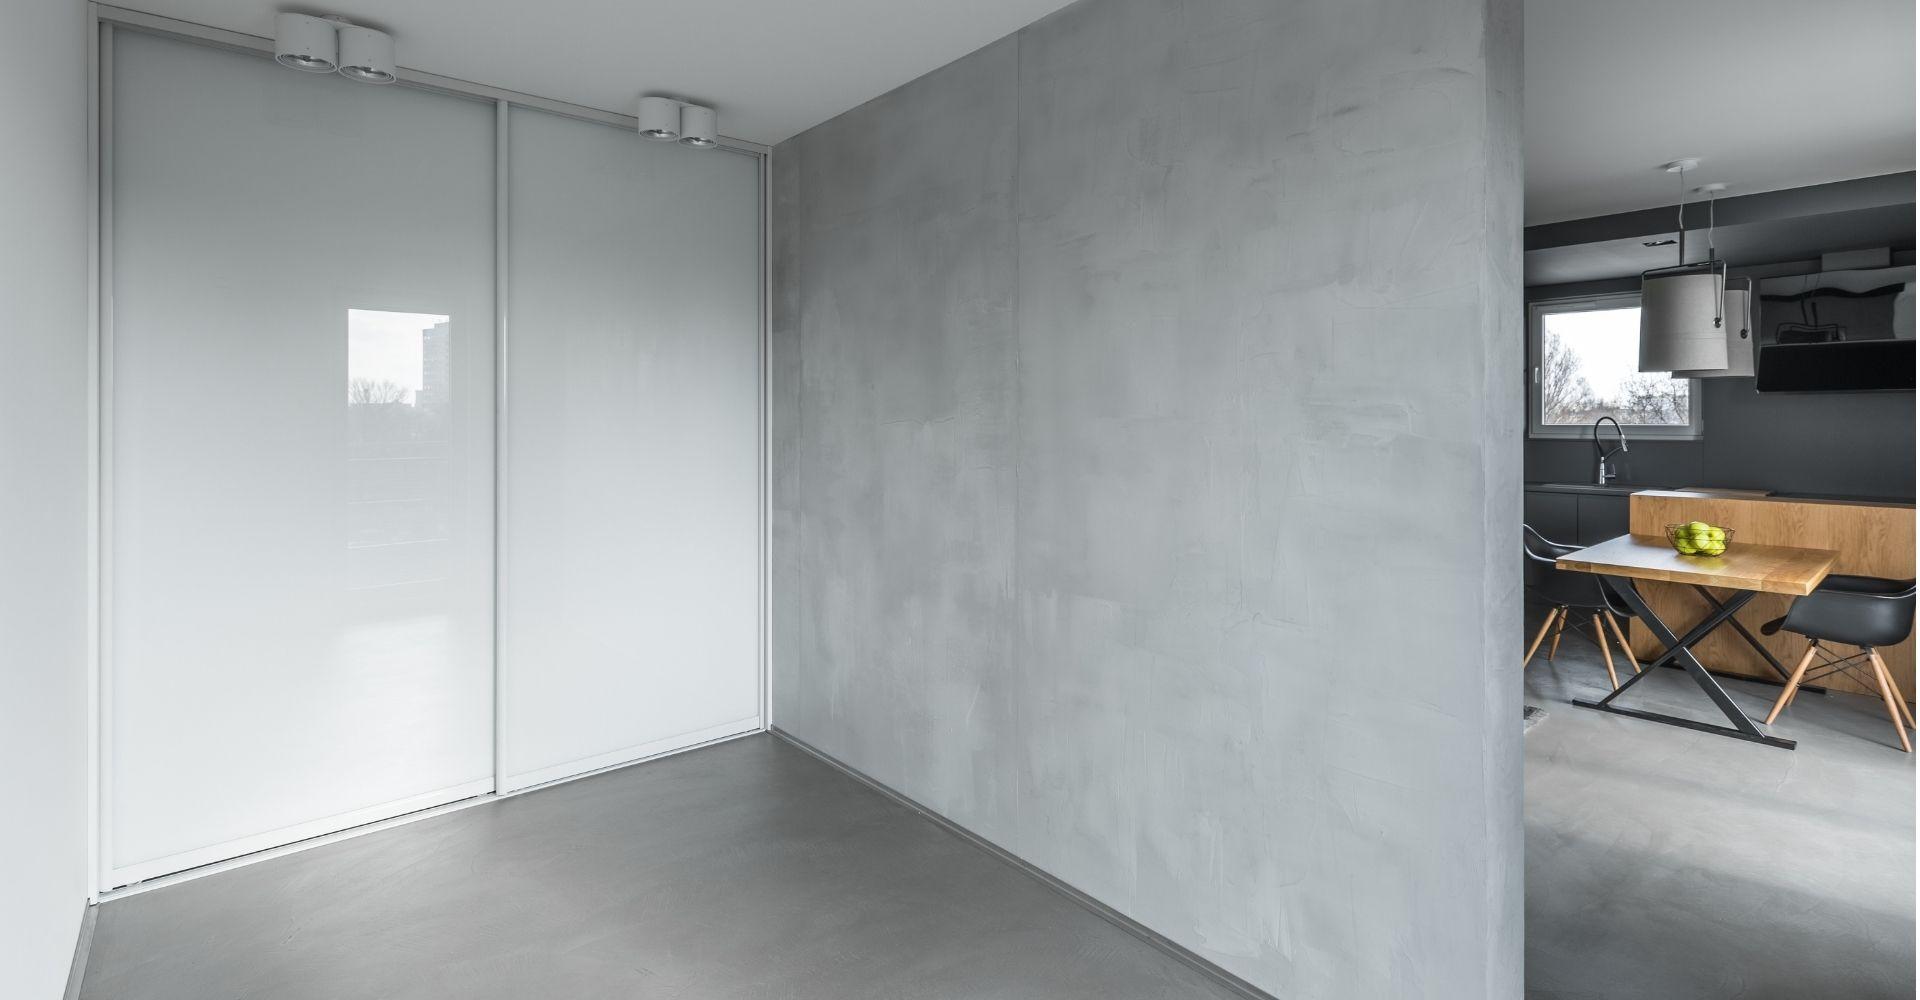 Betonstuc grijs in een woning